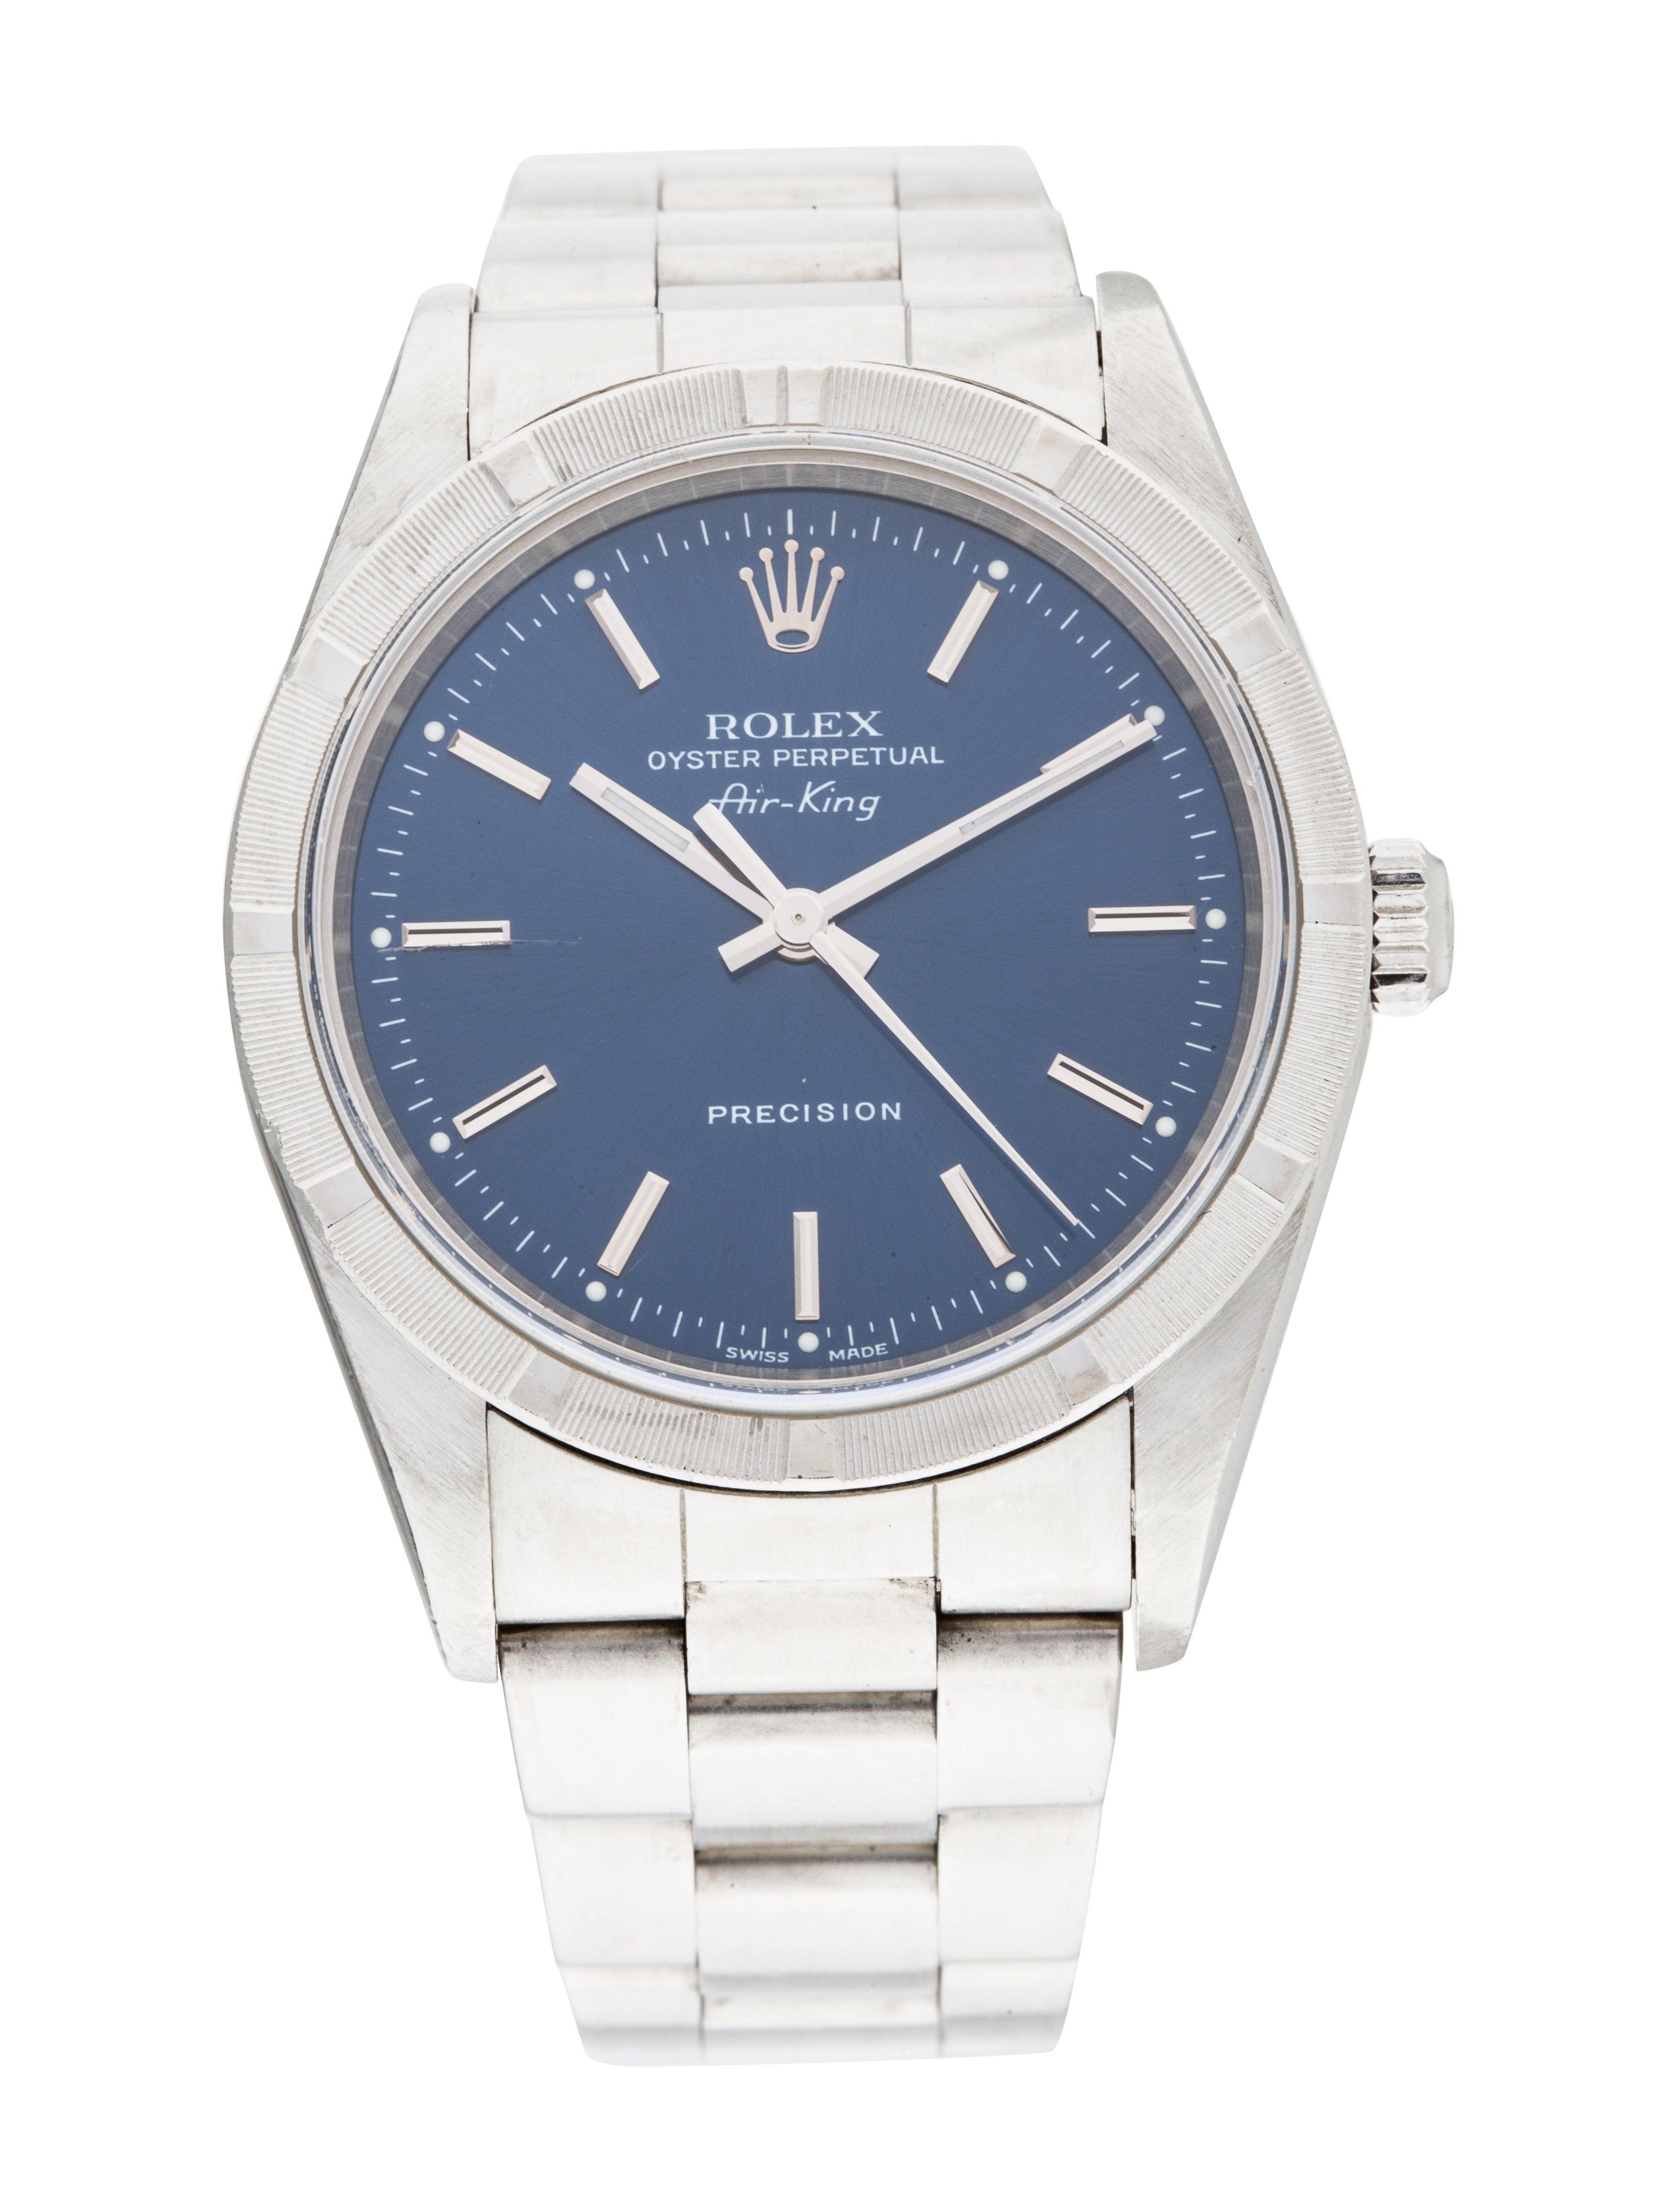 AirKing Watch Rolex, Rolex datejust, Rolex yacht master